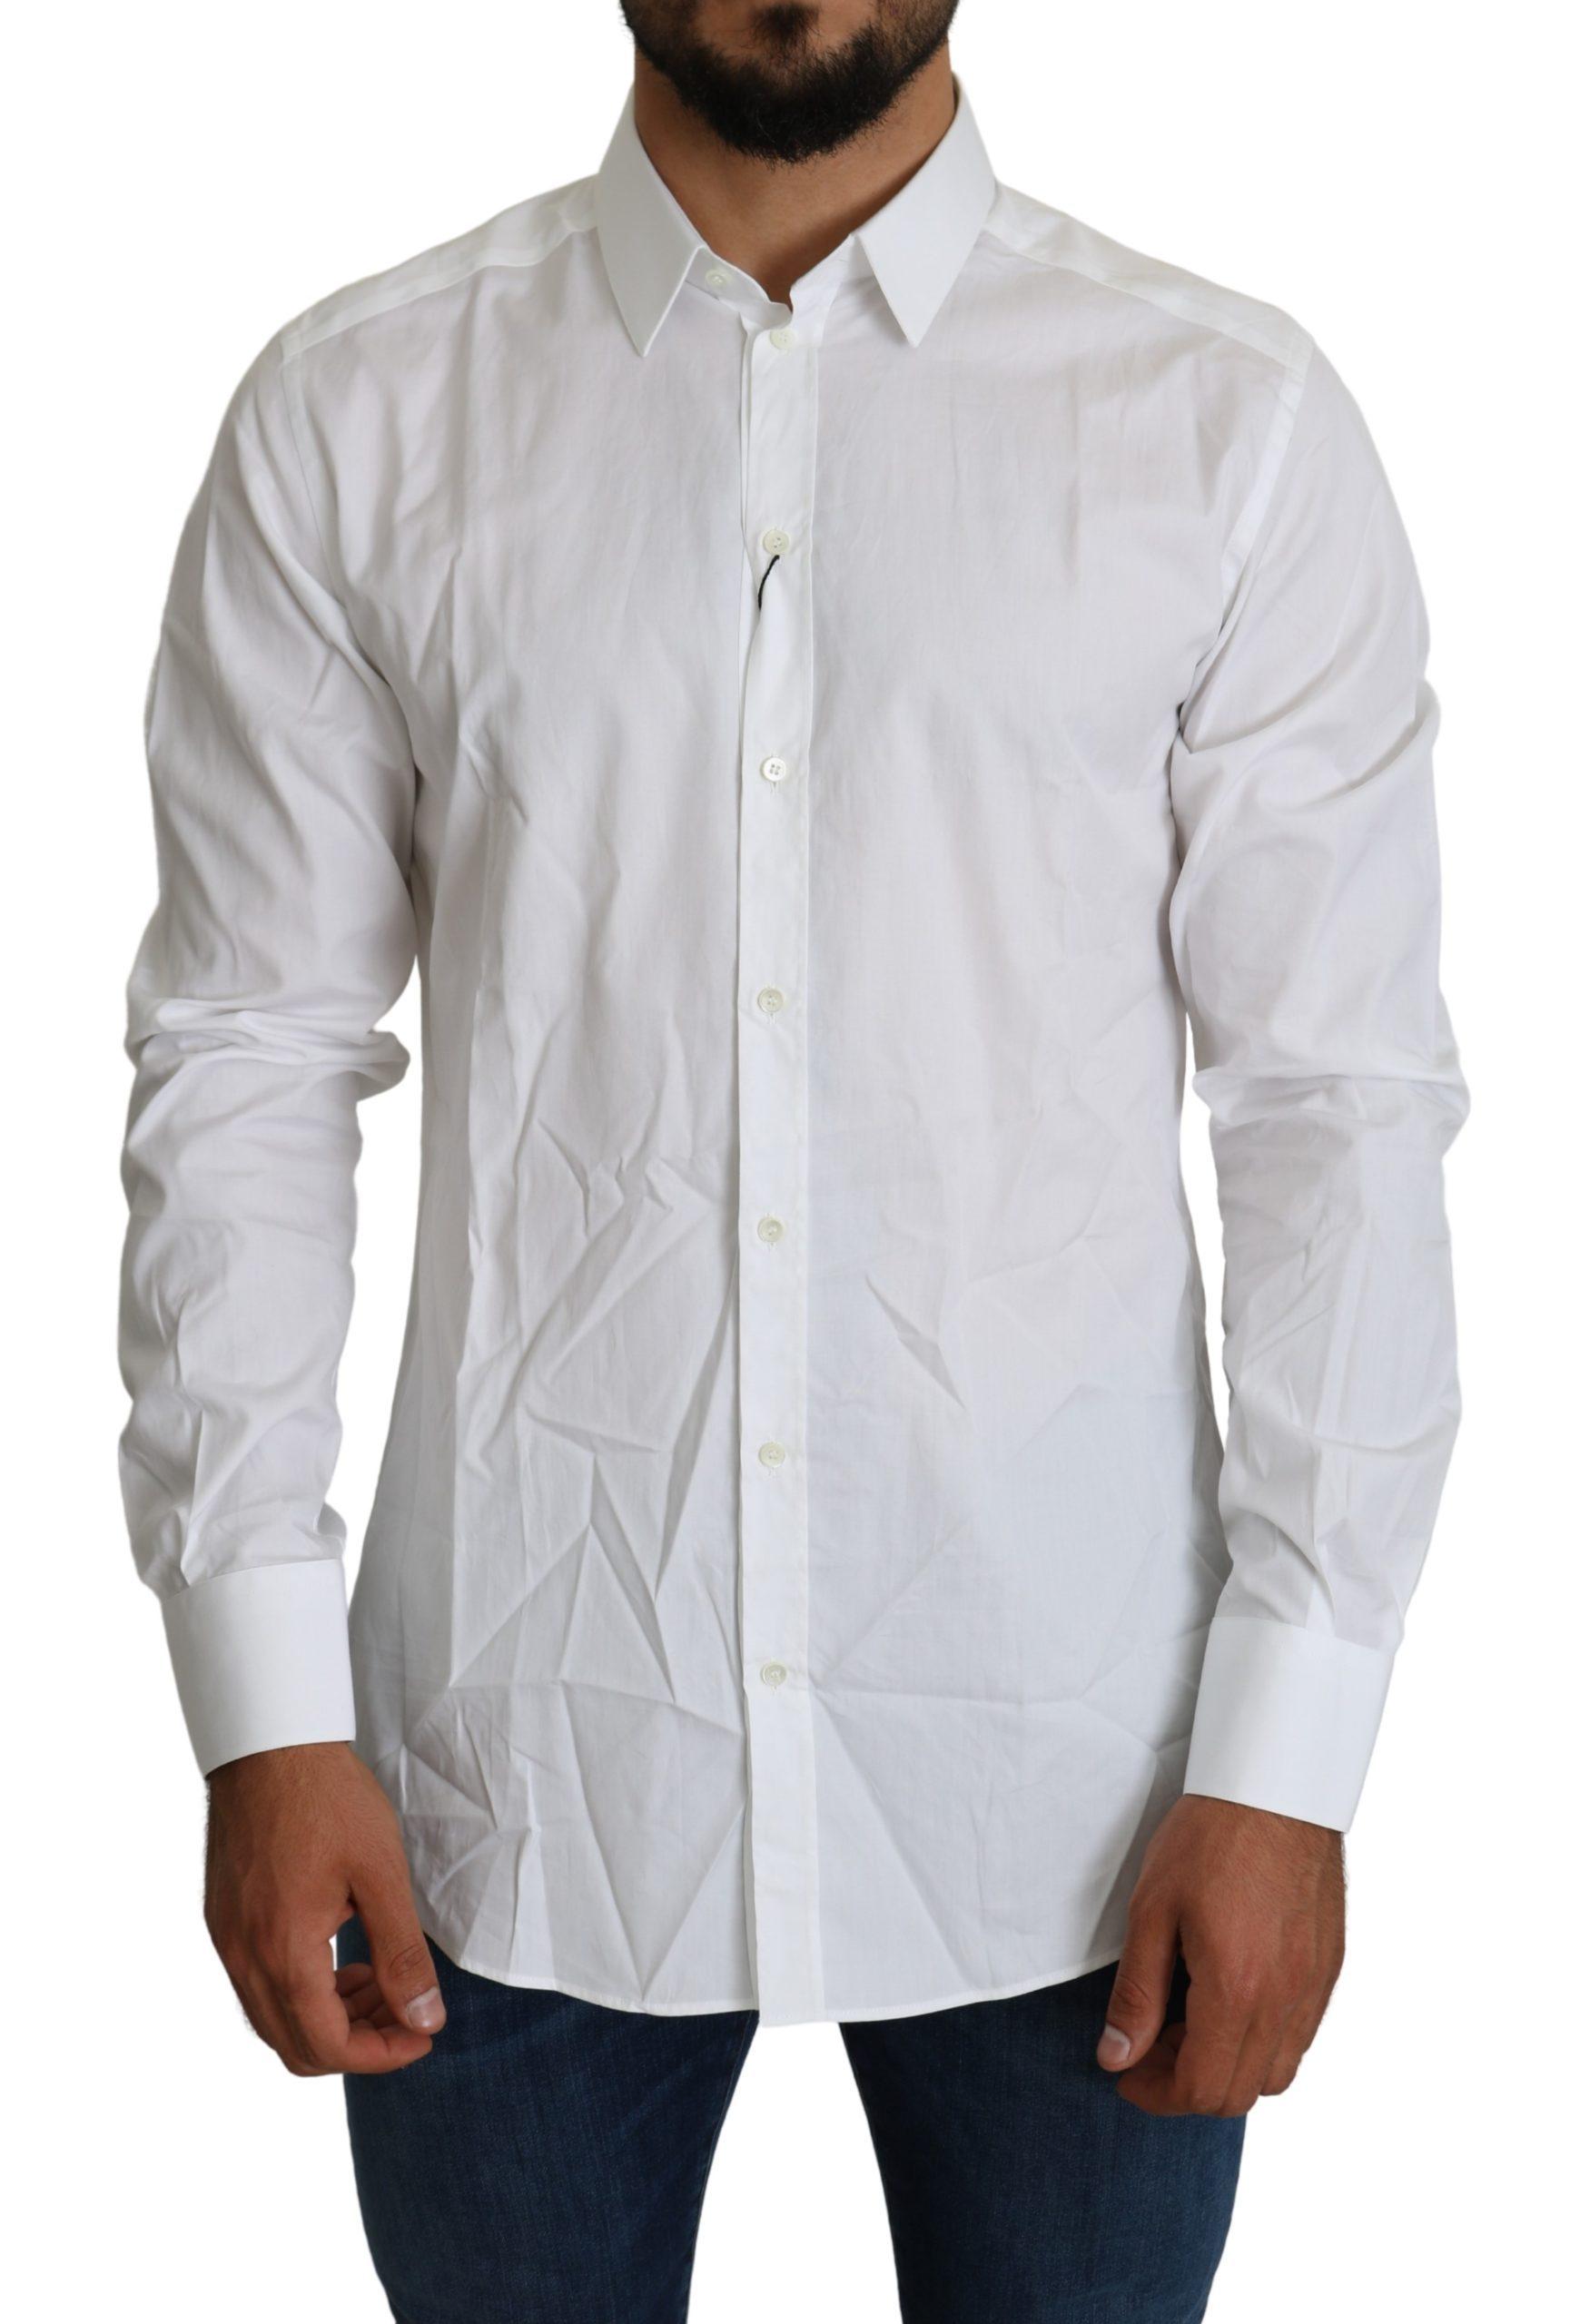 Dolce & Gabbana Men's Formal Cotton Shirt White TSH5229 - IT41 | L